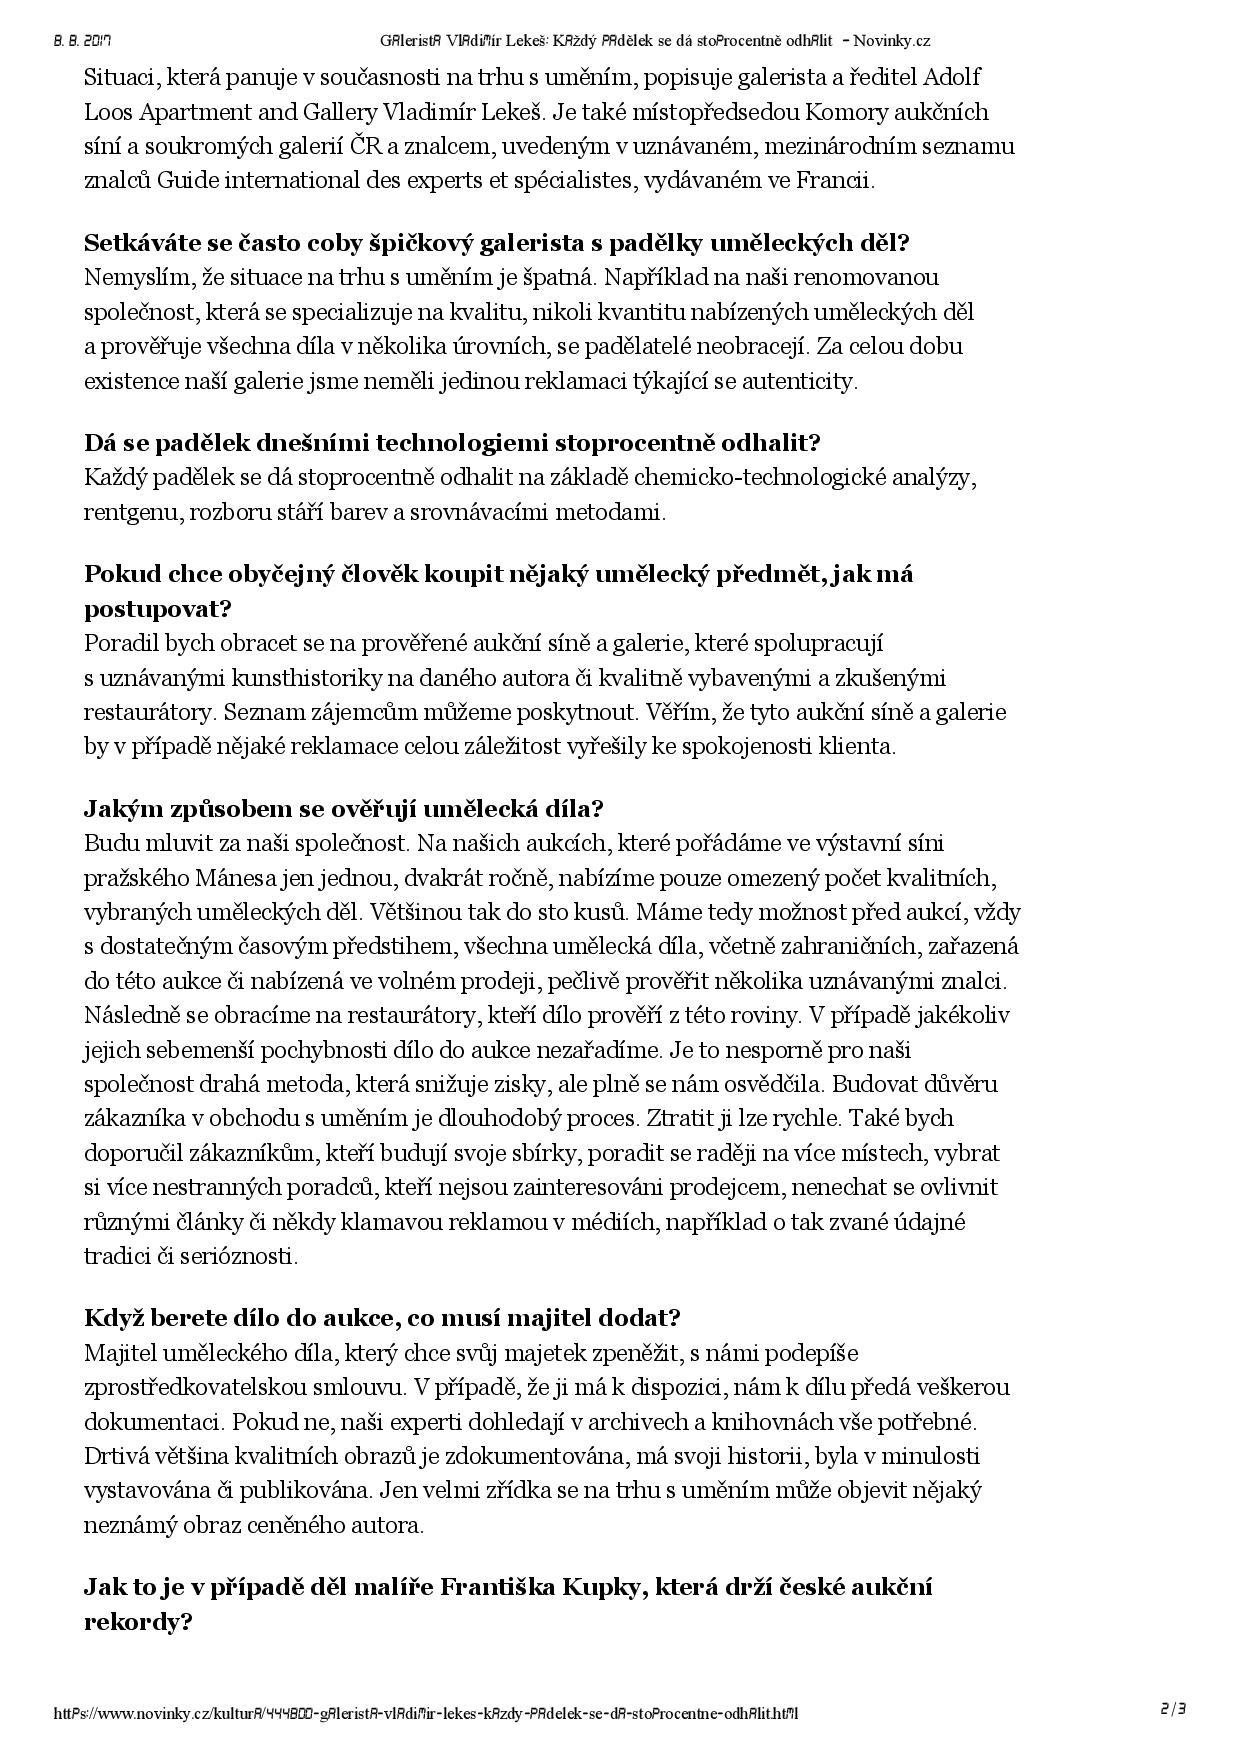 Novinky.cz, 29.7.2017, str. 2